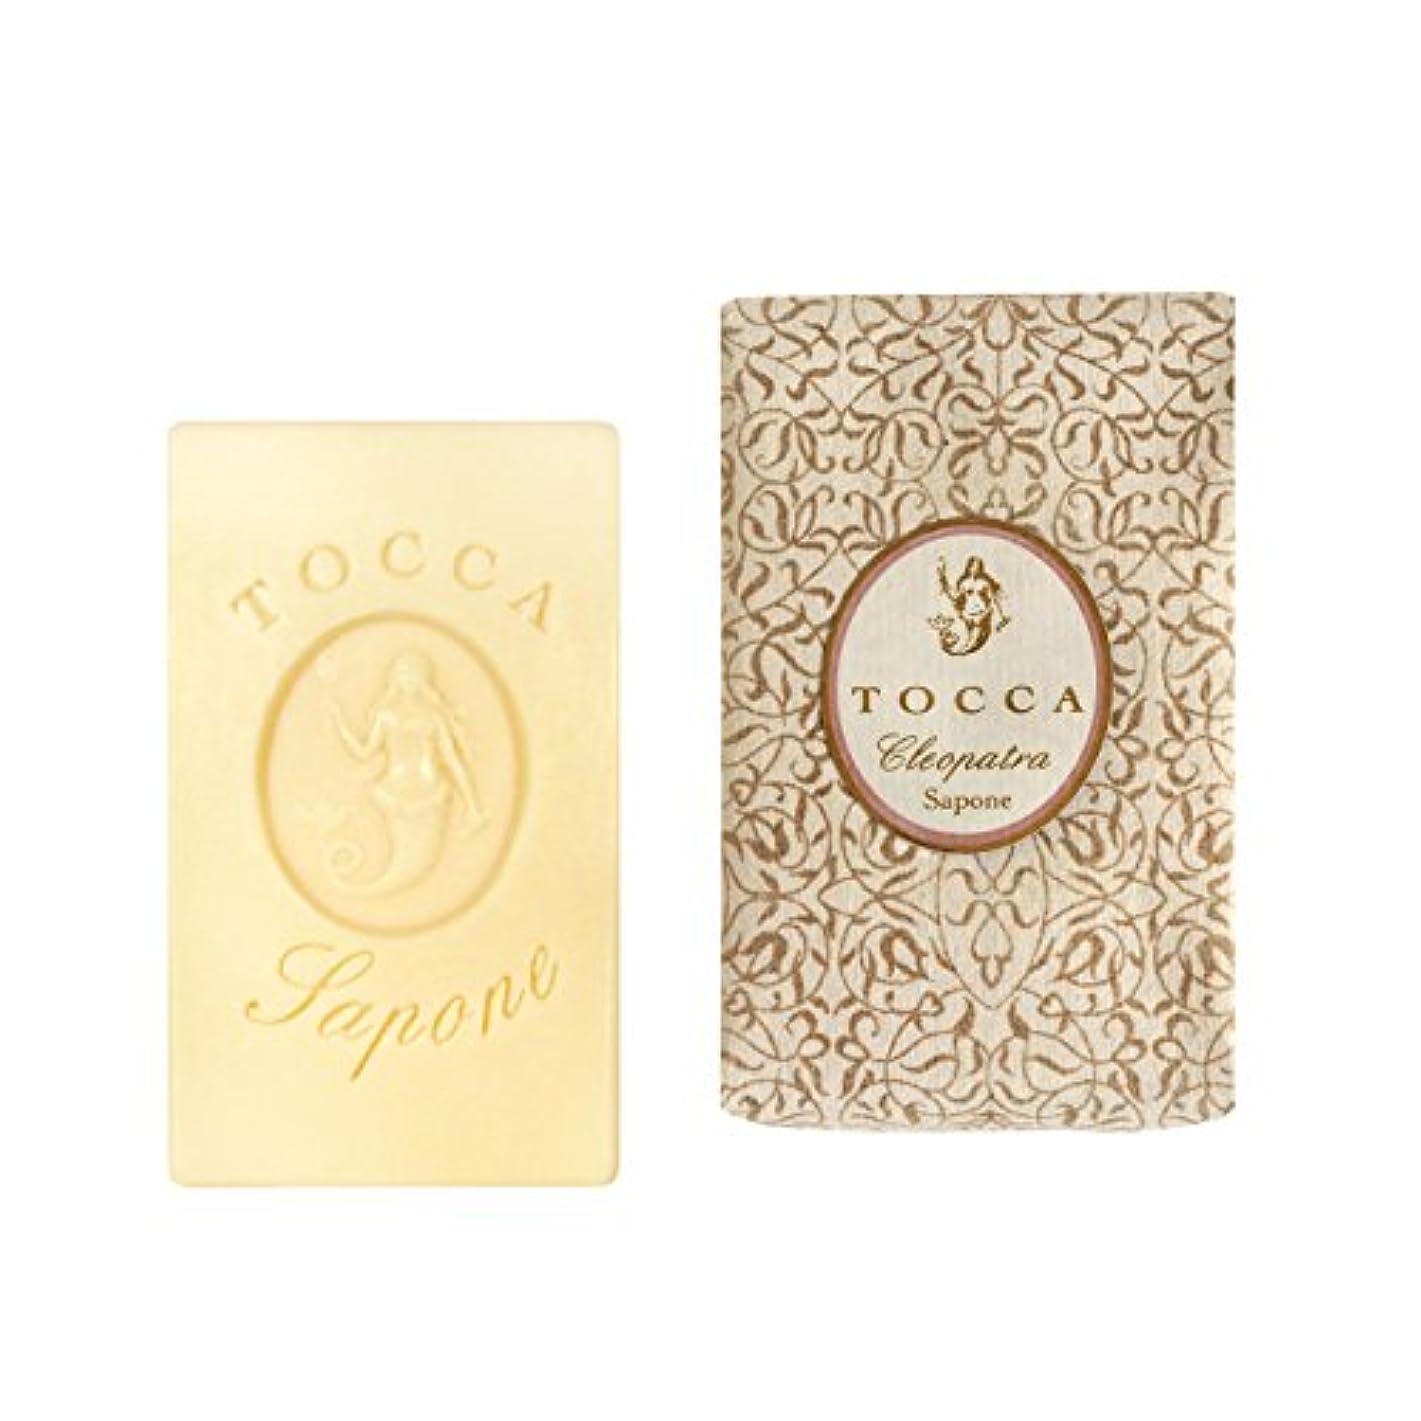 手順ピクニックをする資金トッカ(TOCCA) ソープバー クレオパトラの香り 113g(石けん 化粧石けん グレープフルーツとキューカンバーのフレッシュでクリーンな香り)